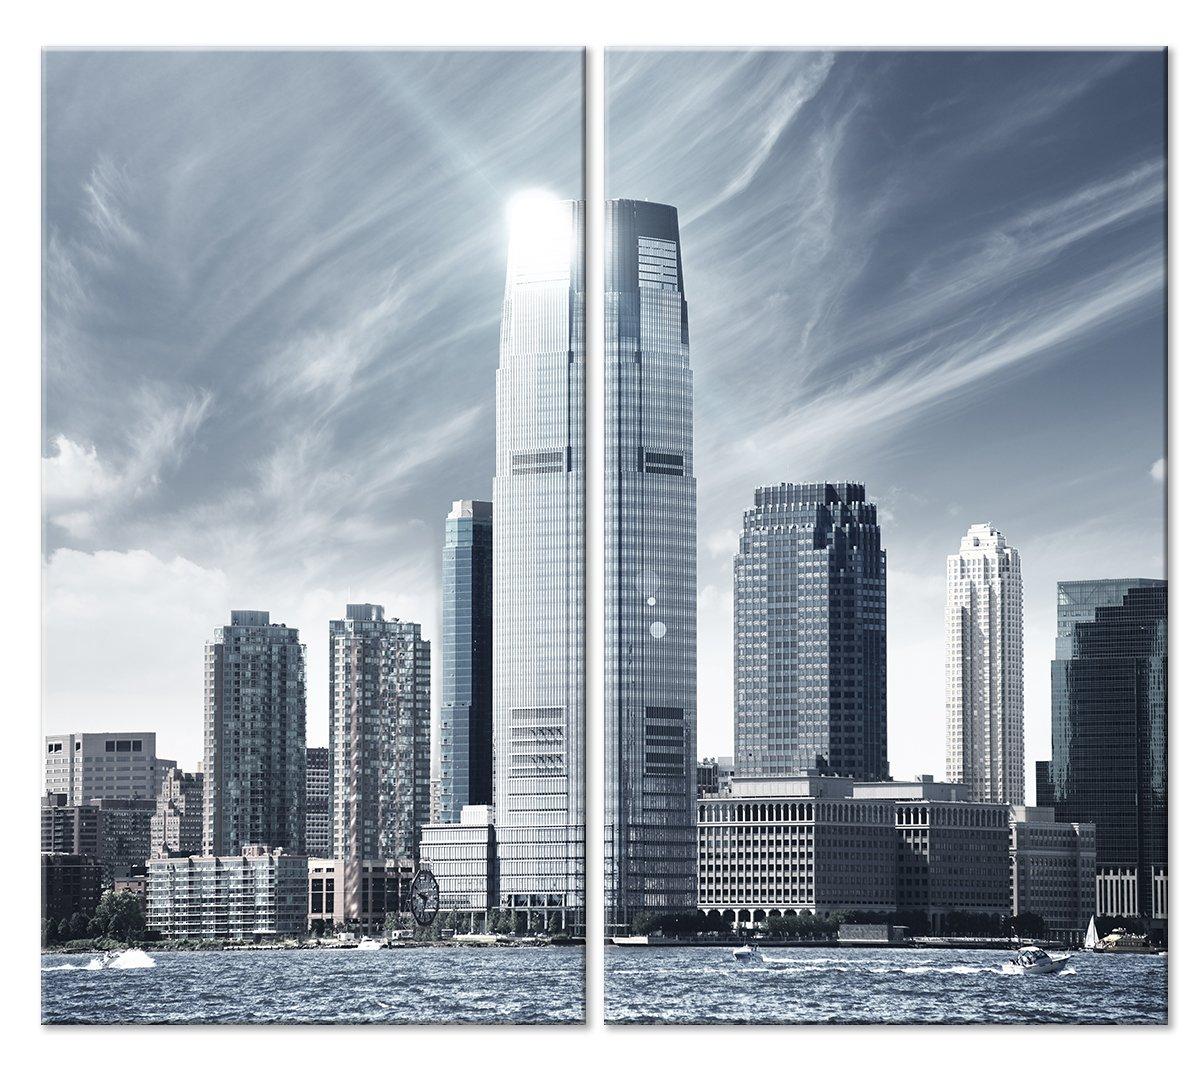 Модульная картина «Город», 56x50 см, модульная картинаГорода<br>Модульная картина на натуральном холсте и деревянном подрамнике. Подвес в комплекте. Трехслойная надежная упаковка. Доставим в любую точку России. Вам осталось только повесить картину на стену!<br>